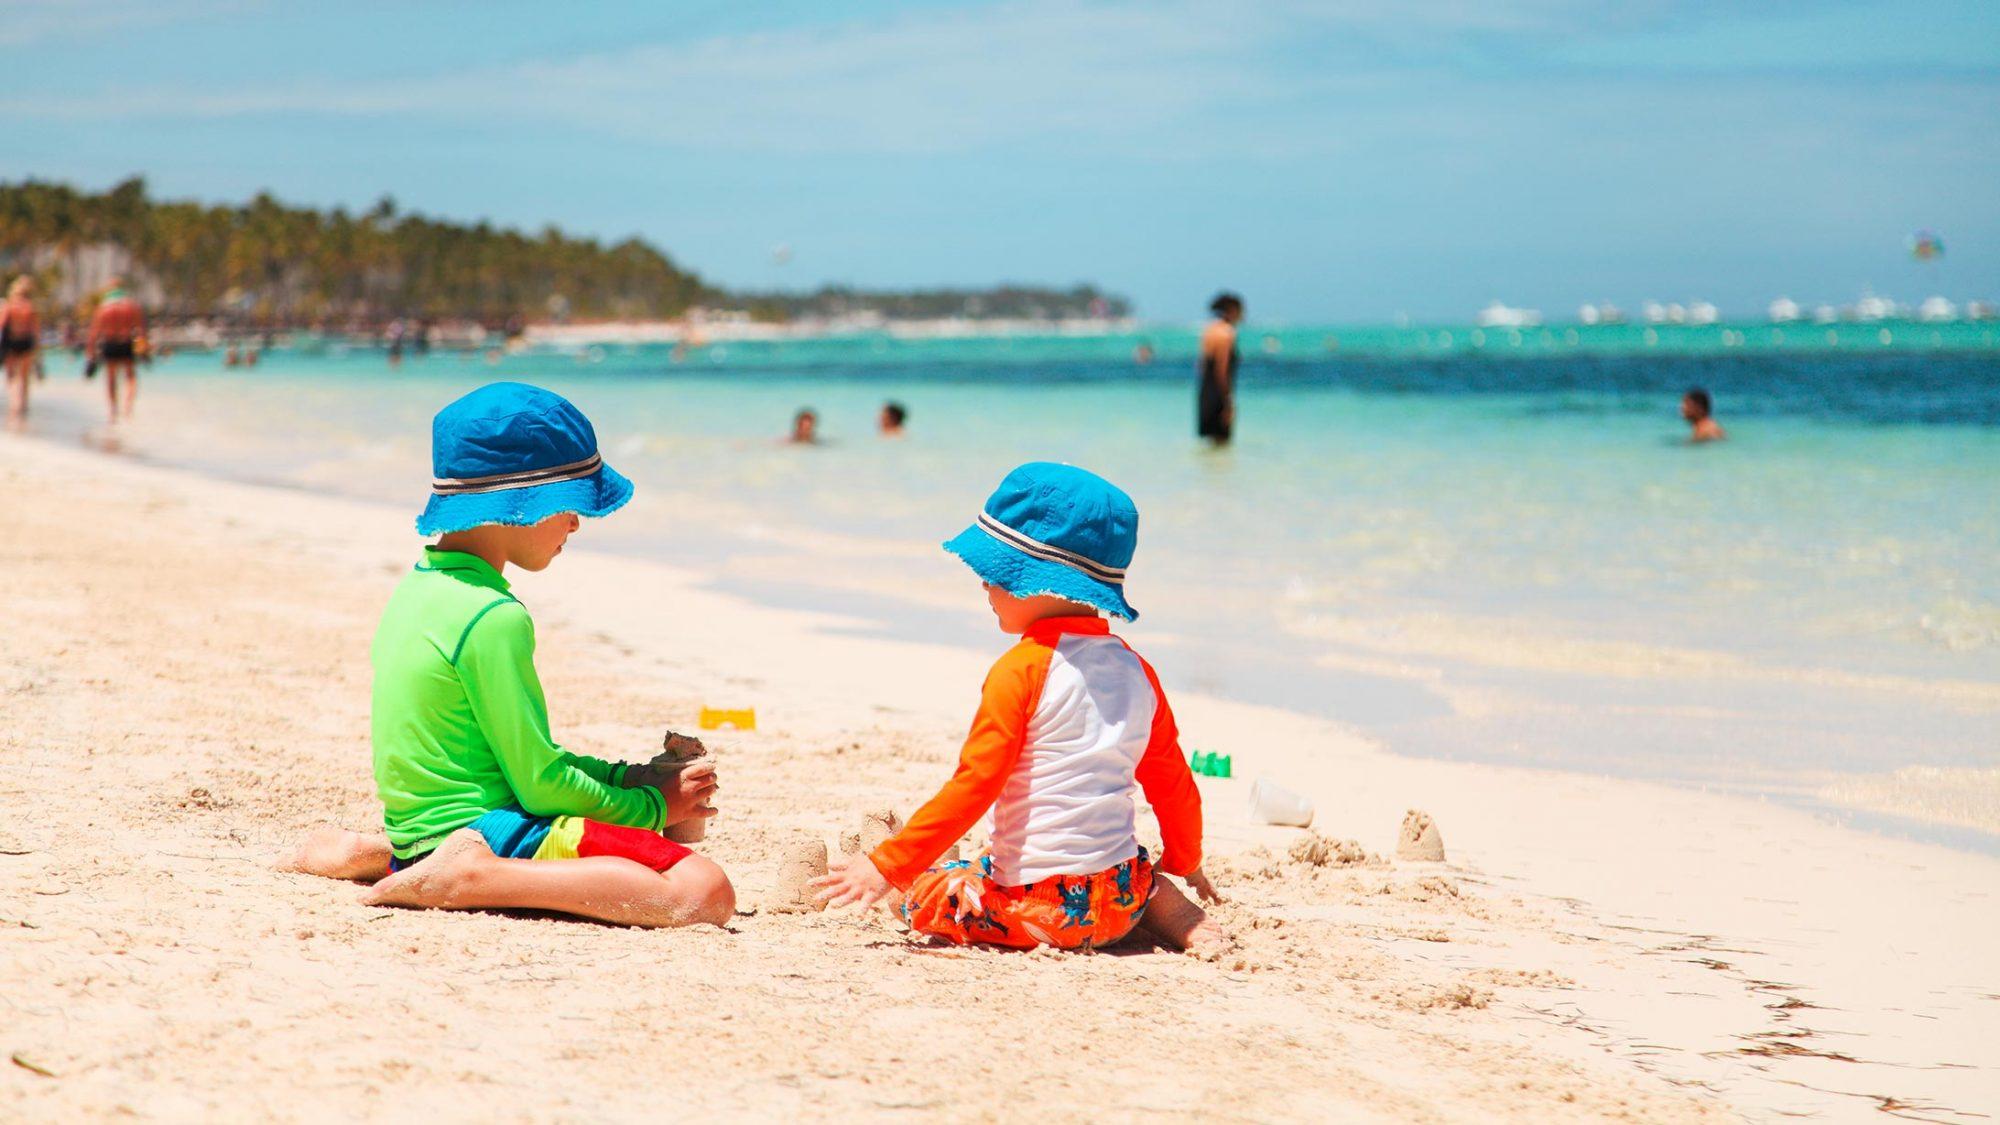 Hautkrebs-Prävention: Kinder schützen sich mit UV-Schutz Shirts